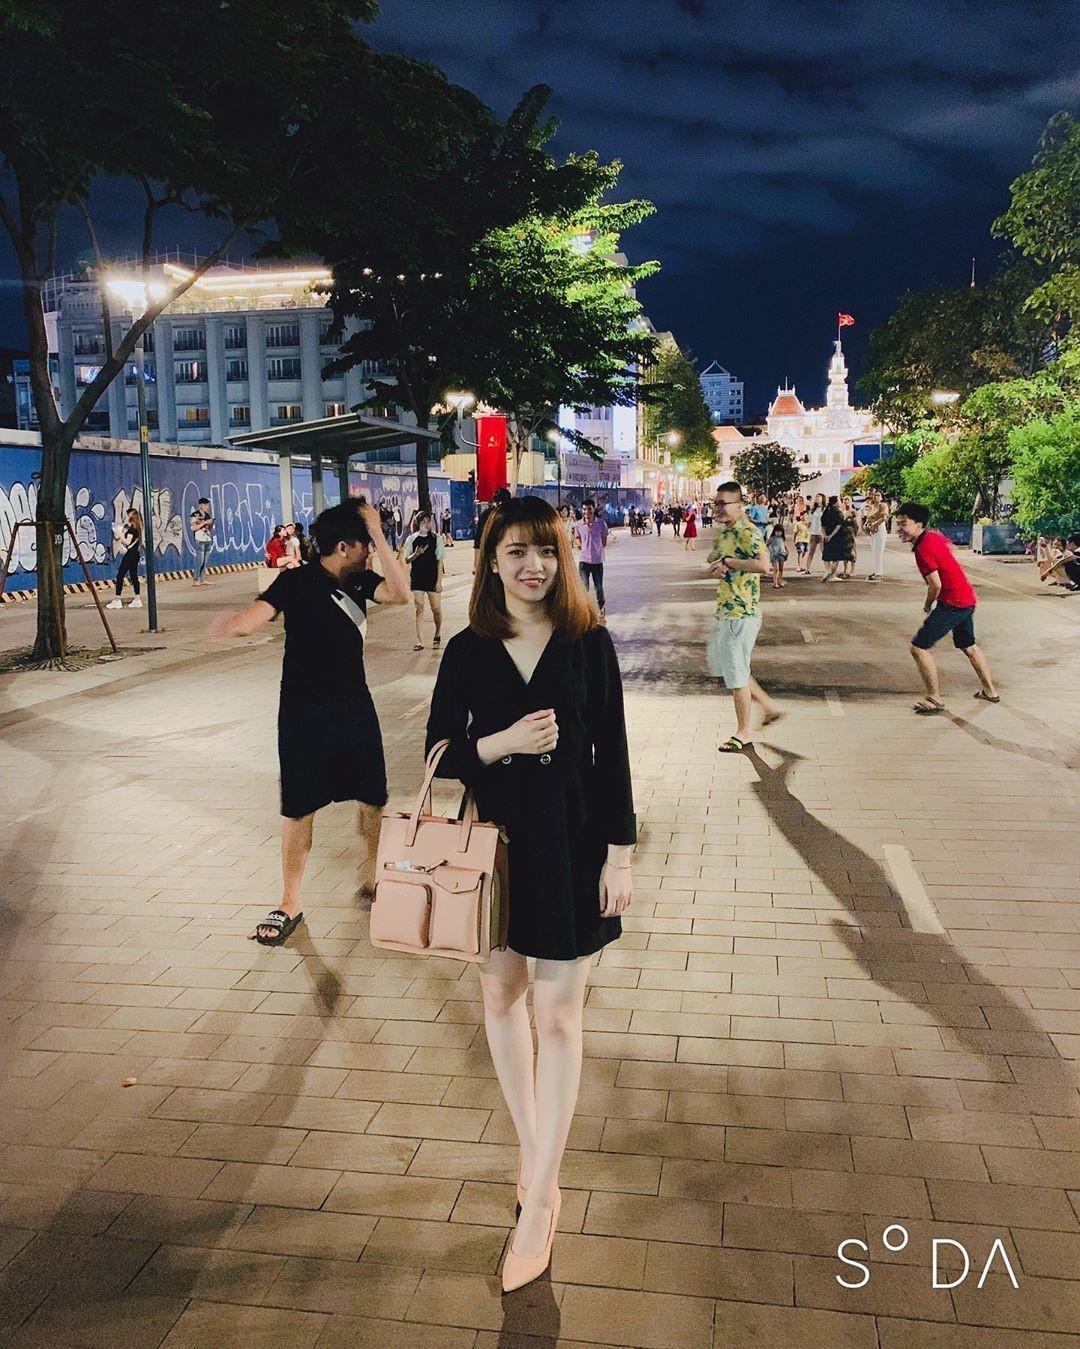 Địa điểm vui chơi Sài Gòn buổi tối - Ảnh 3.